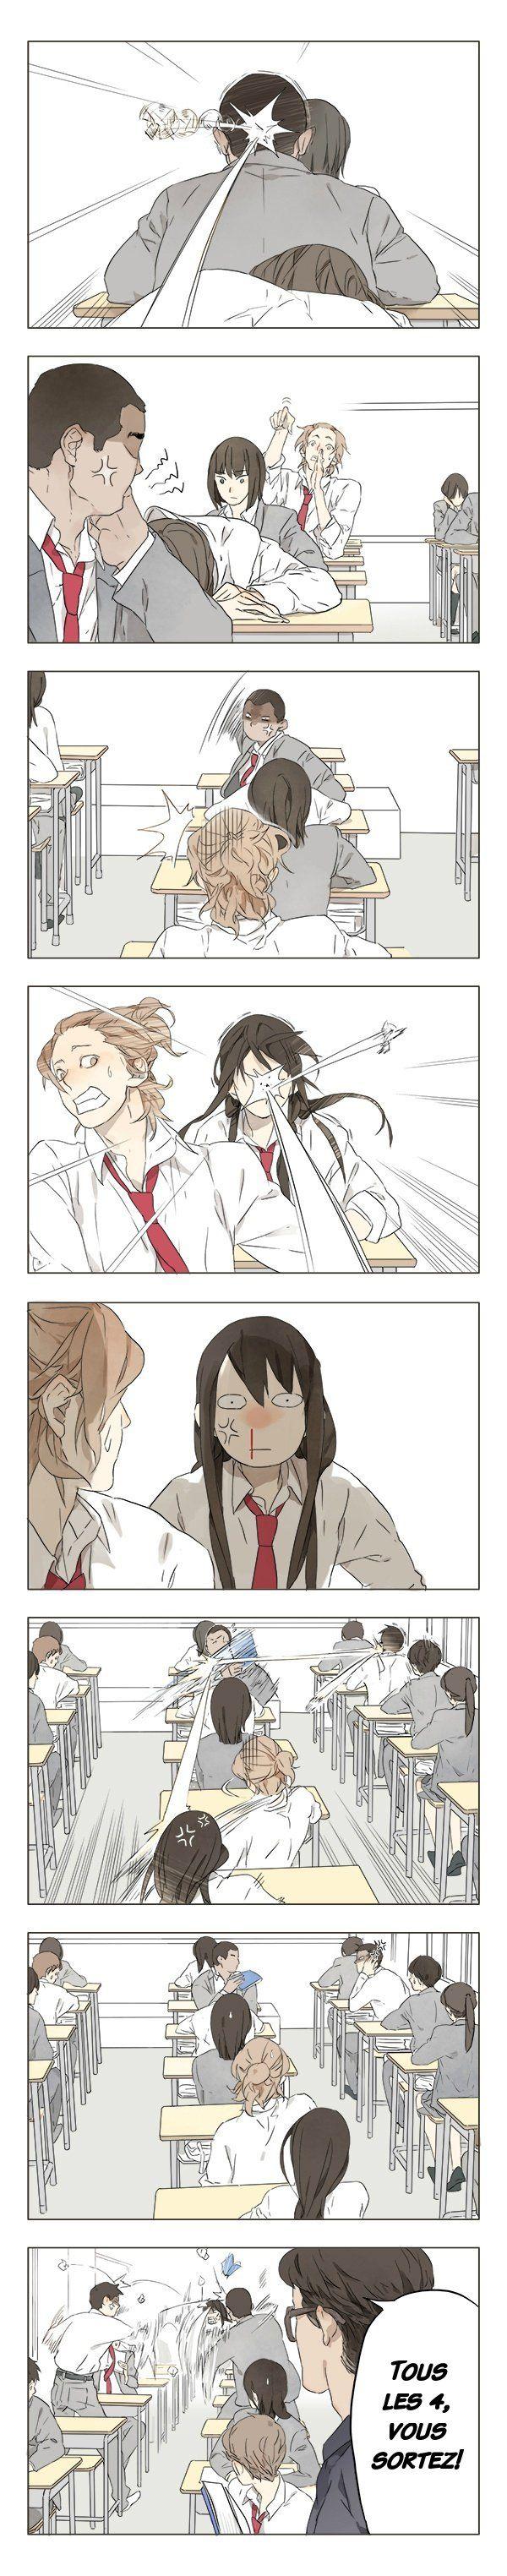 Tamen de Gushi - Page 6